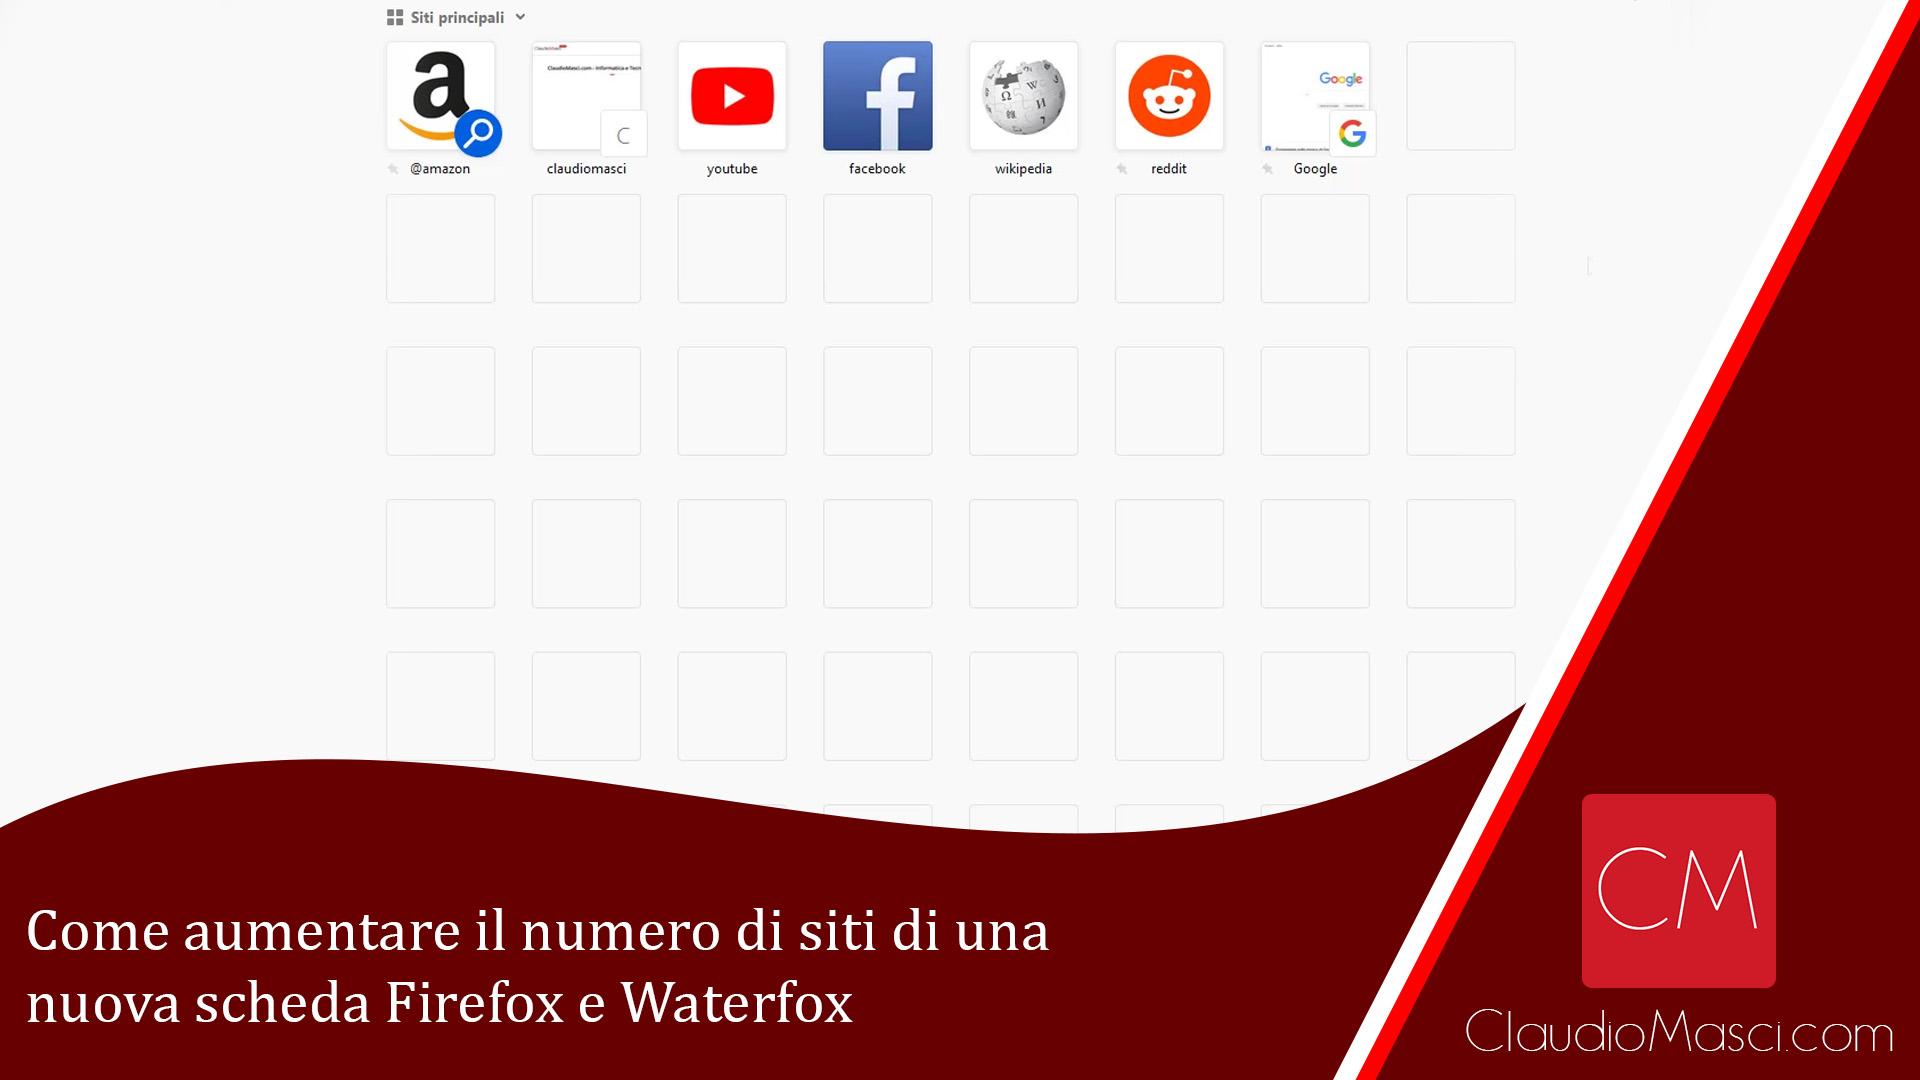 Come aumentare il numero di siti di una nuova scheda Firefox e Waterfox